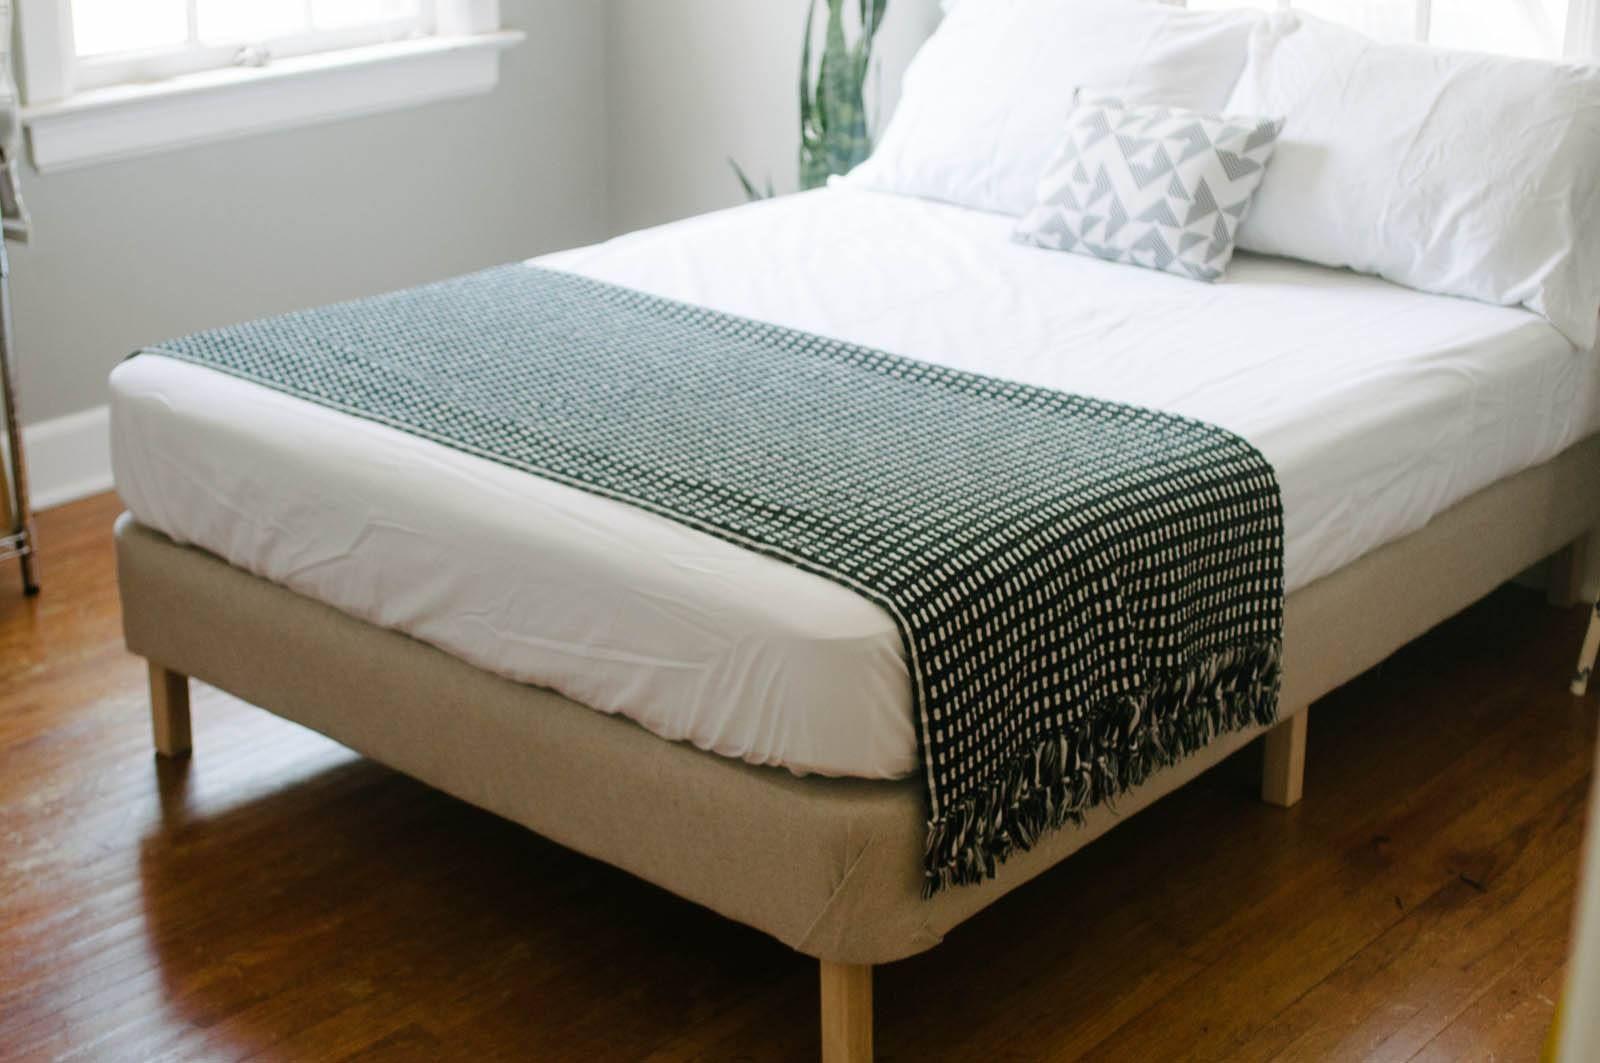 15 Bedroom Designs With DIY Bed Frames Diy platform bed